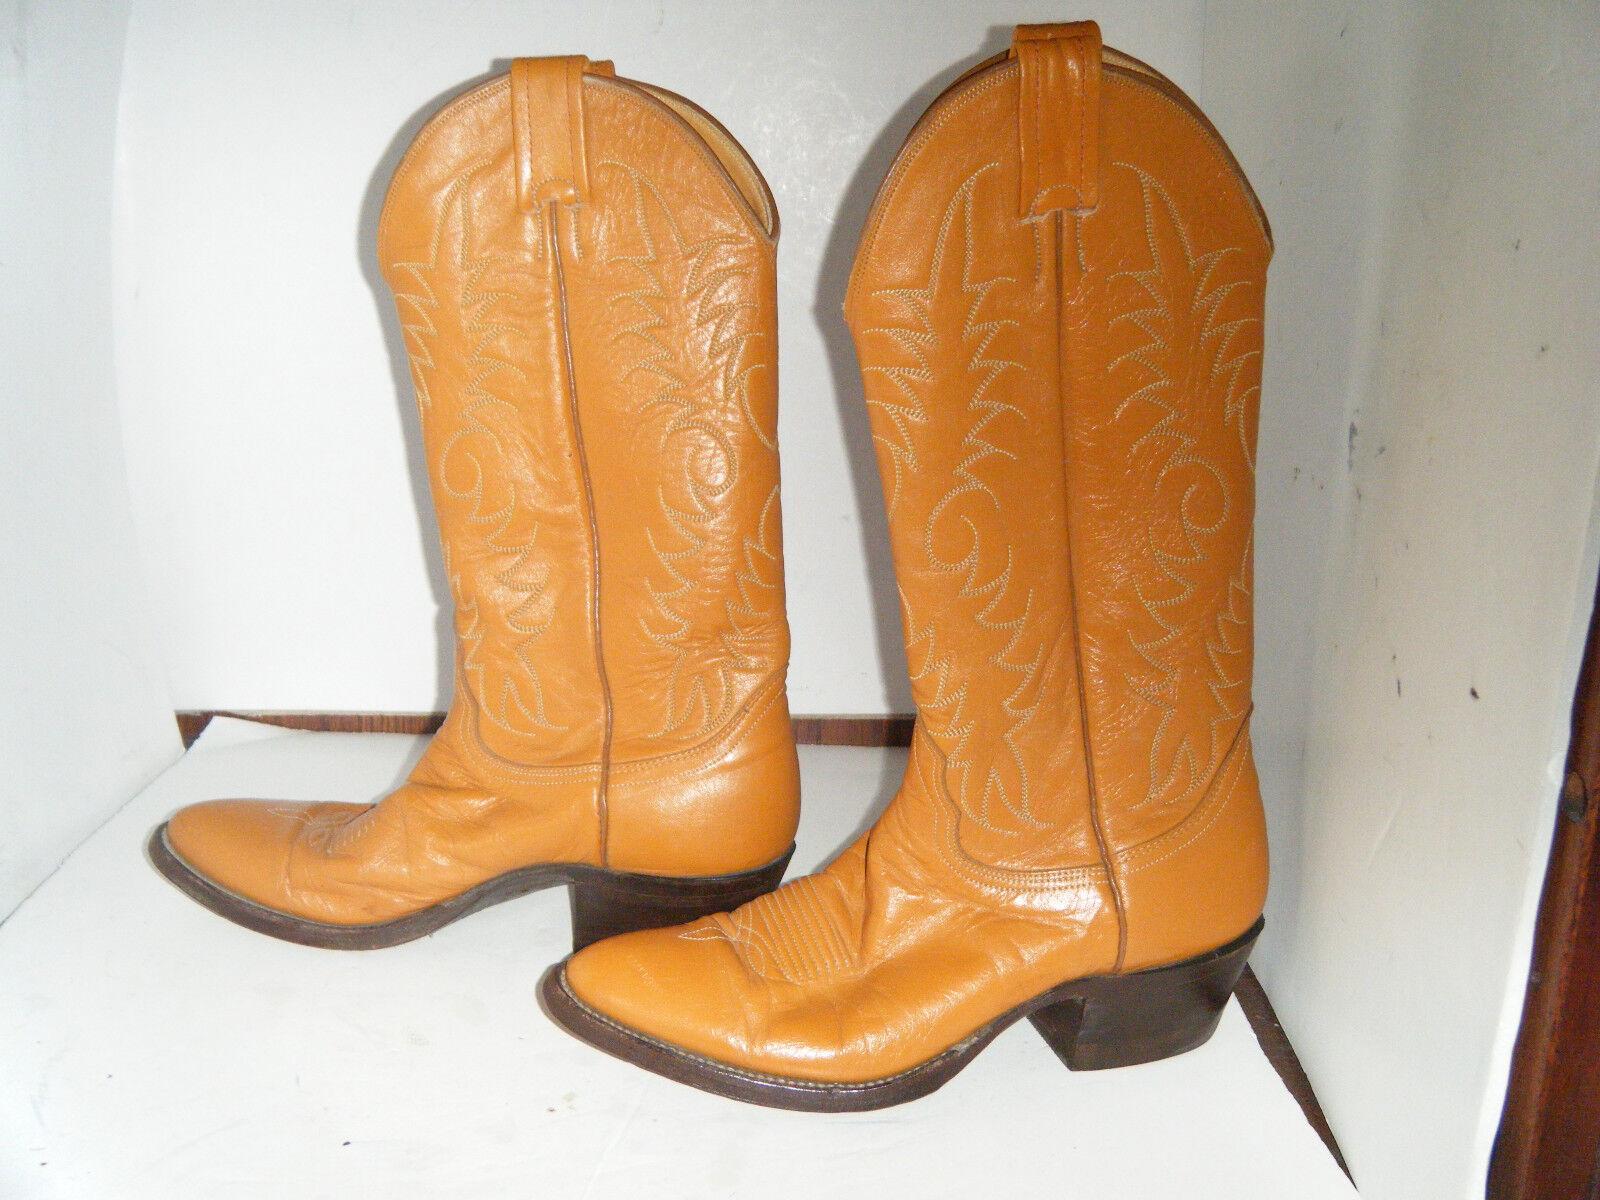 NOCONA Cowboy Size 6.5 B Uomo Brown